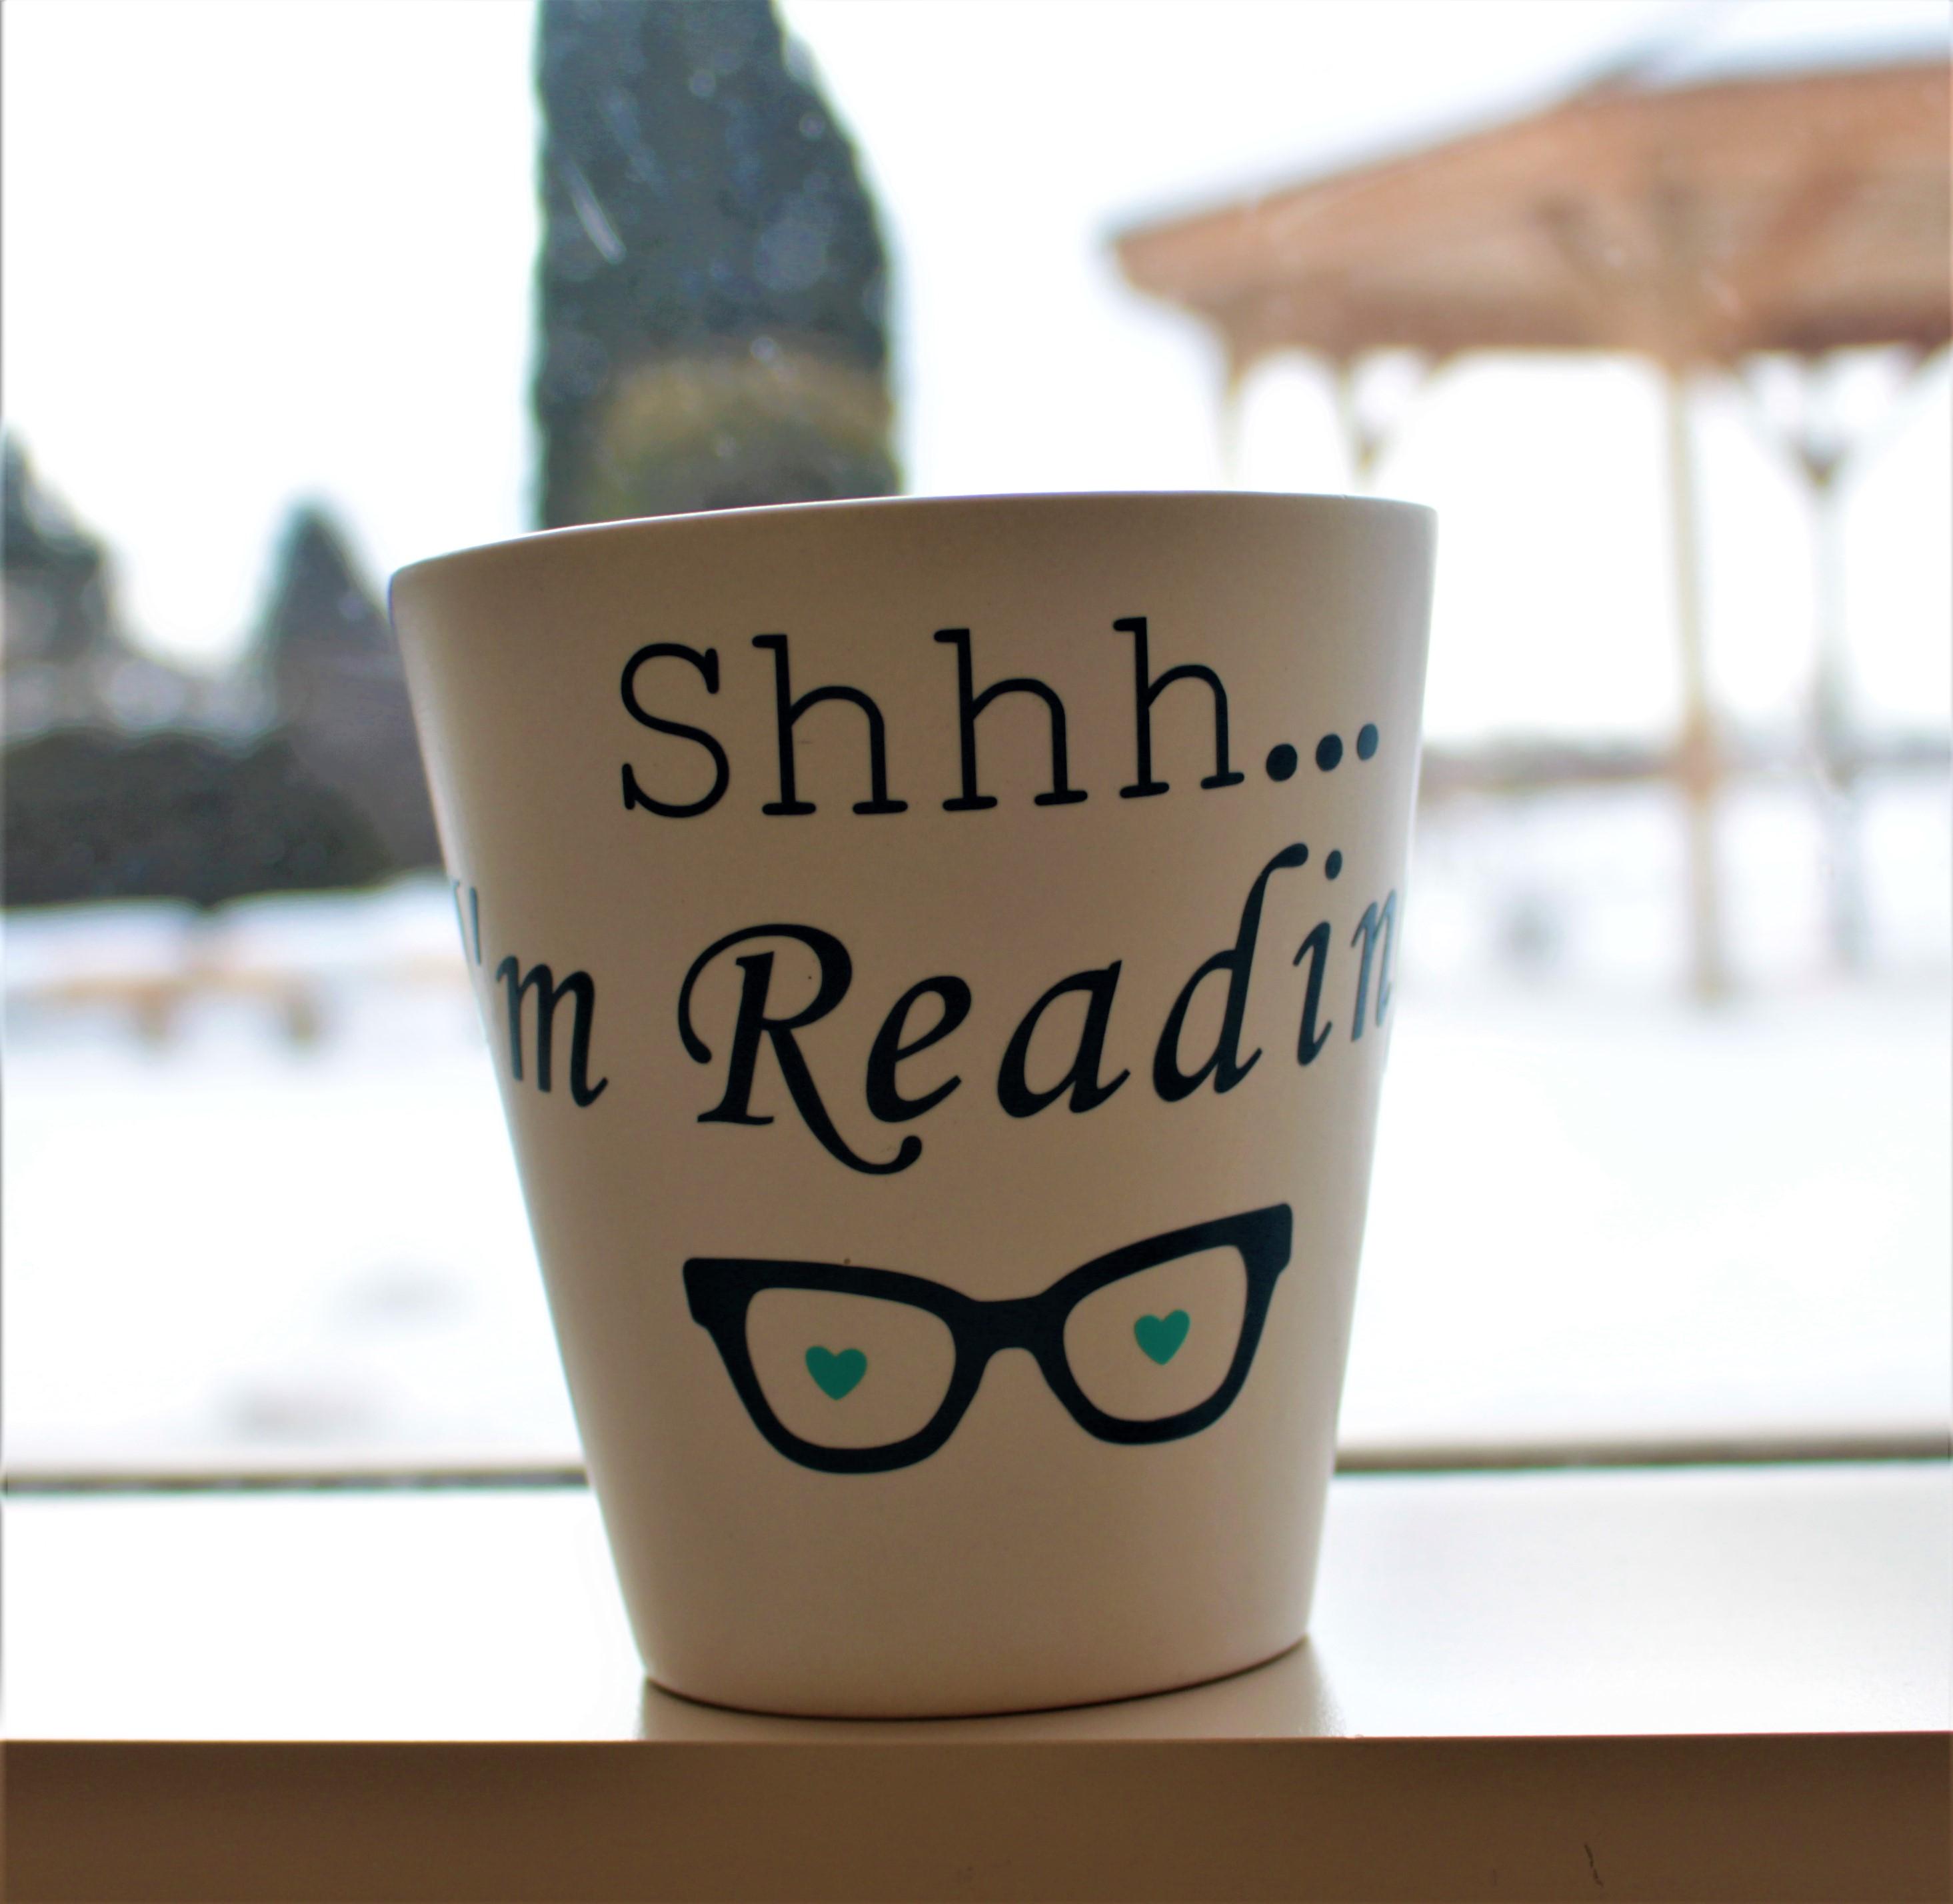 Cricut Design Your Own Mug Niagara On The Lake Public Library